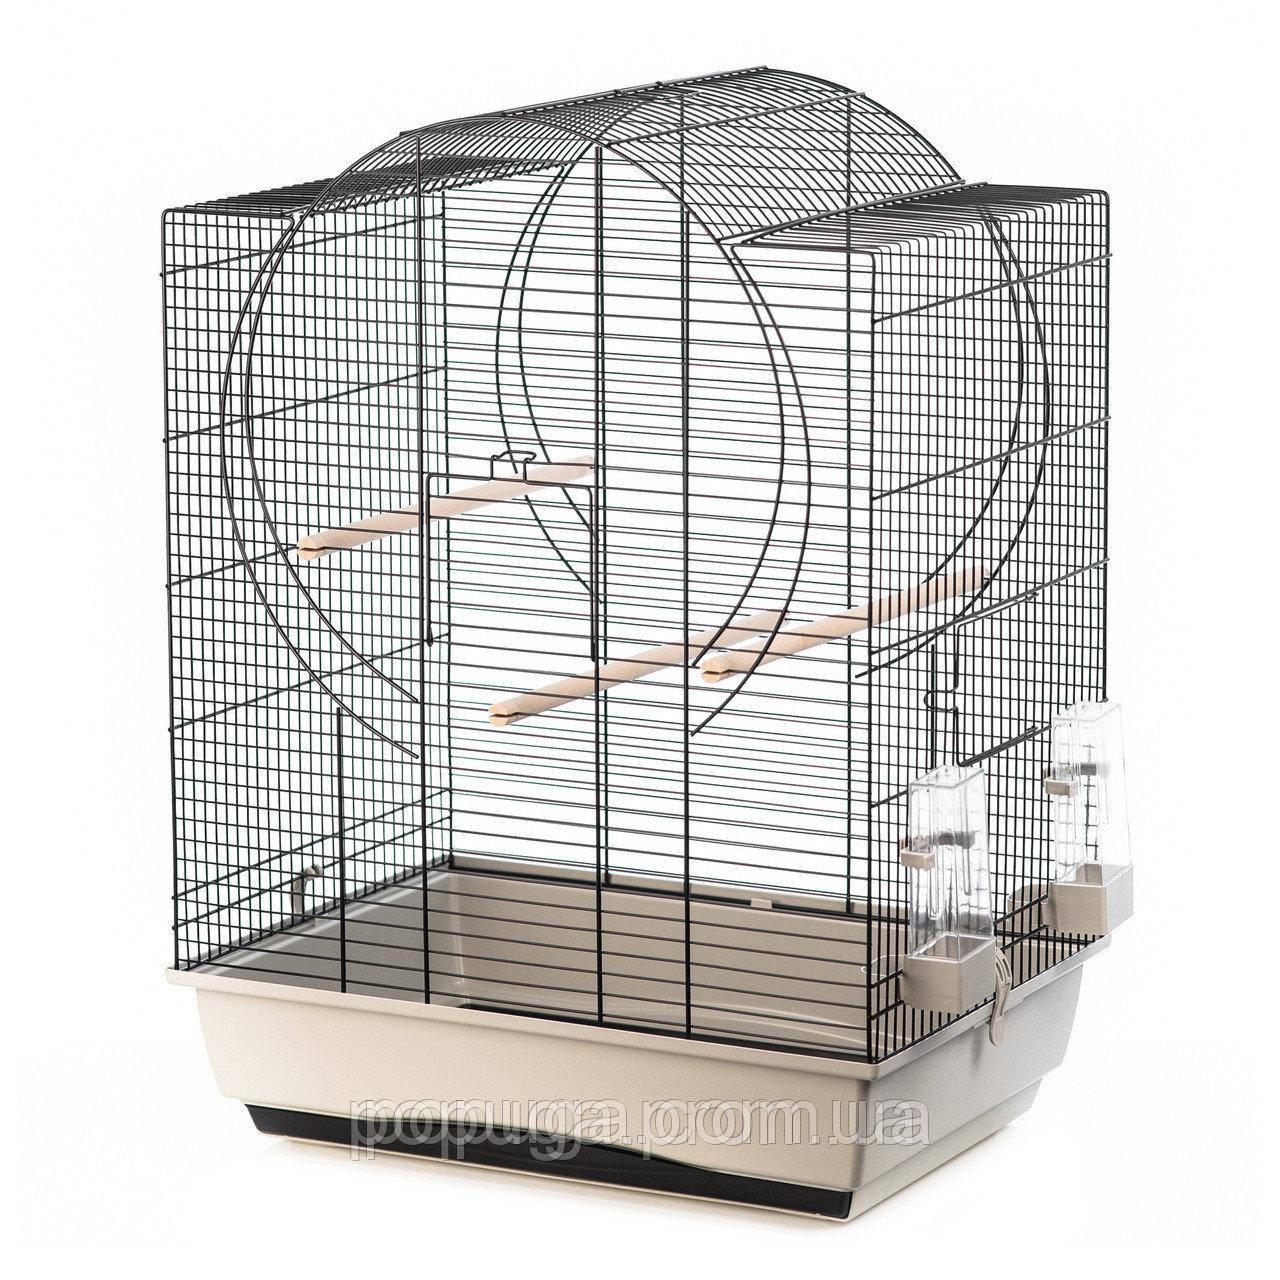 Клетка для попугаев EMMA, цинк